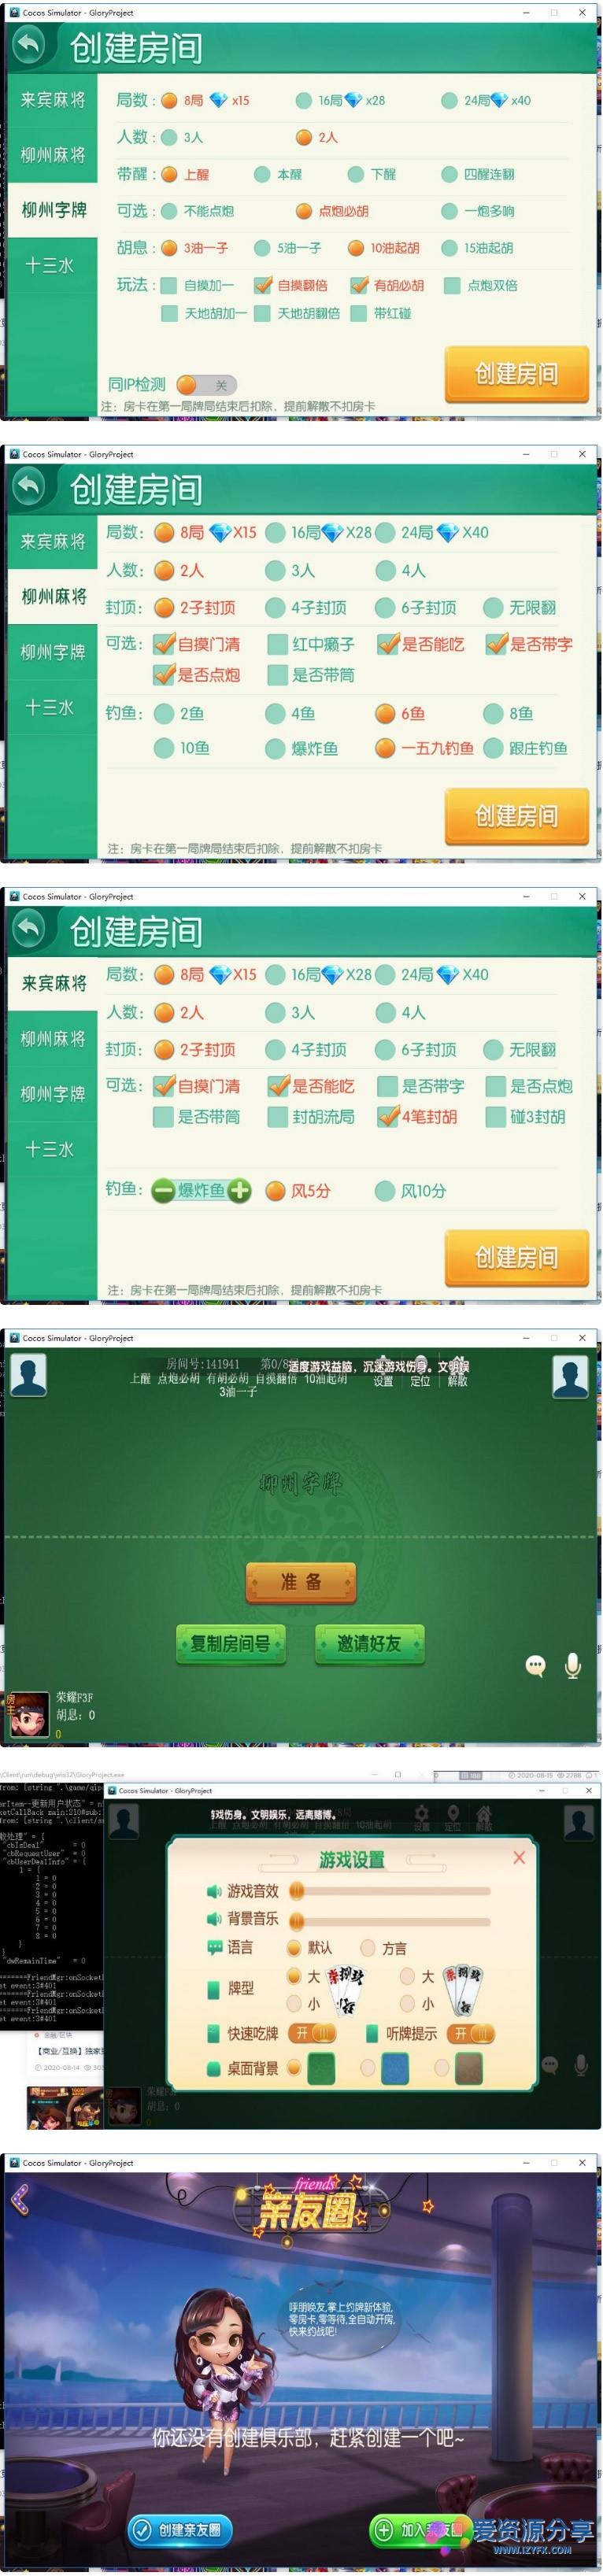 最新广西星辉娱乐地方麻将房卡俱乐部大联盟完整数据源码非组件-爱资源分享